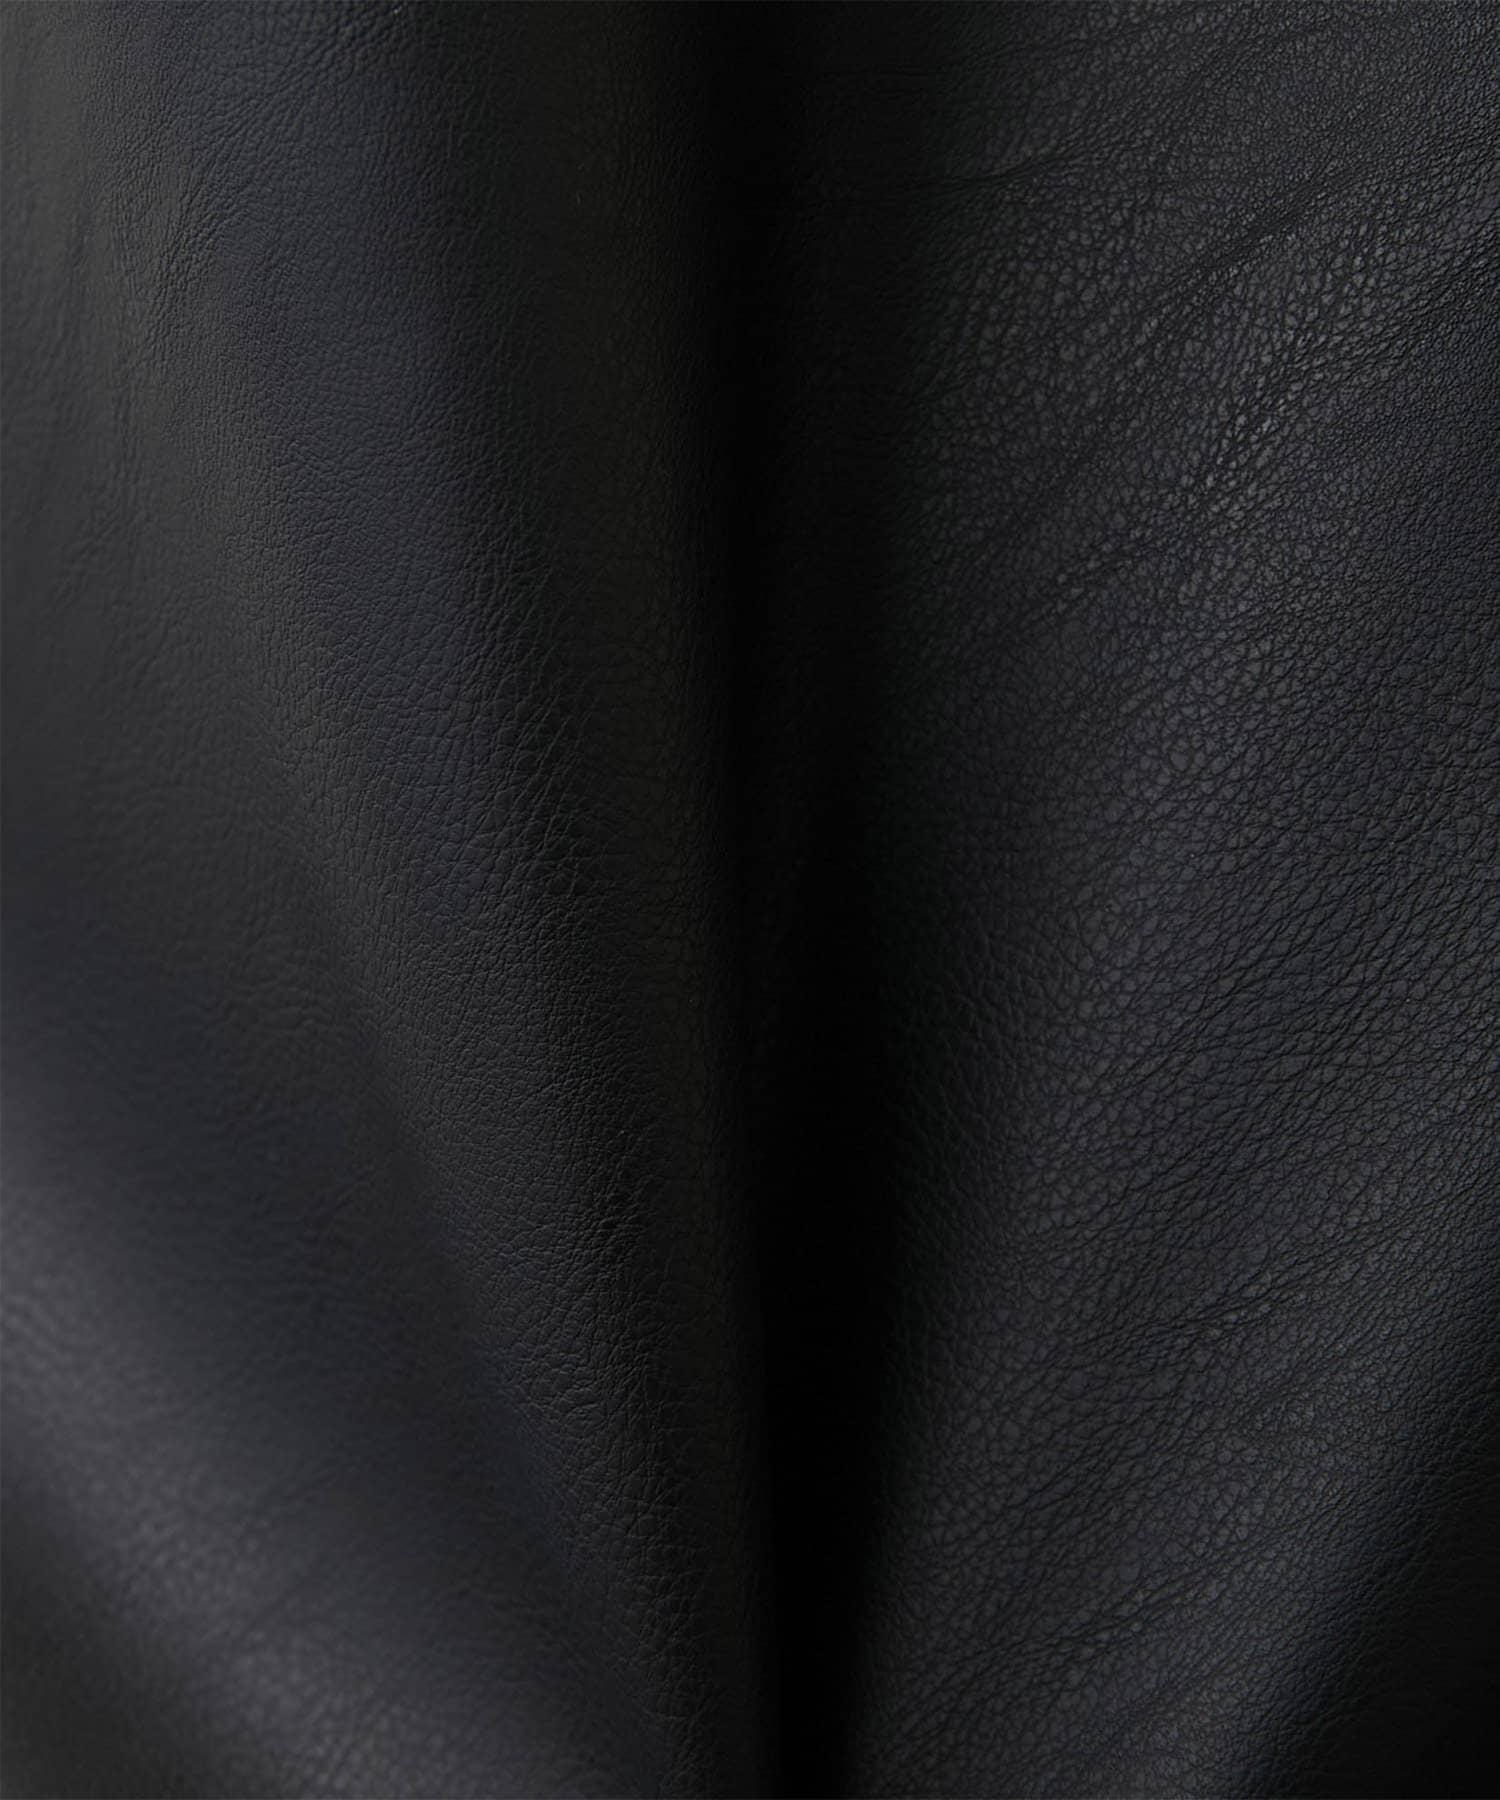 GALLARDAGALANTE(ガリャルダガランテ) 【CEPIE.】エコレザーサイドZIPスカート